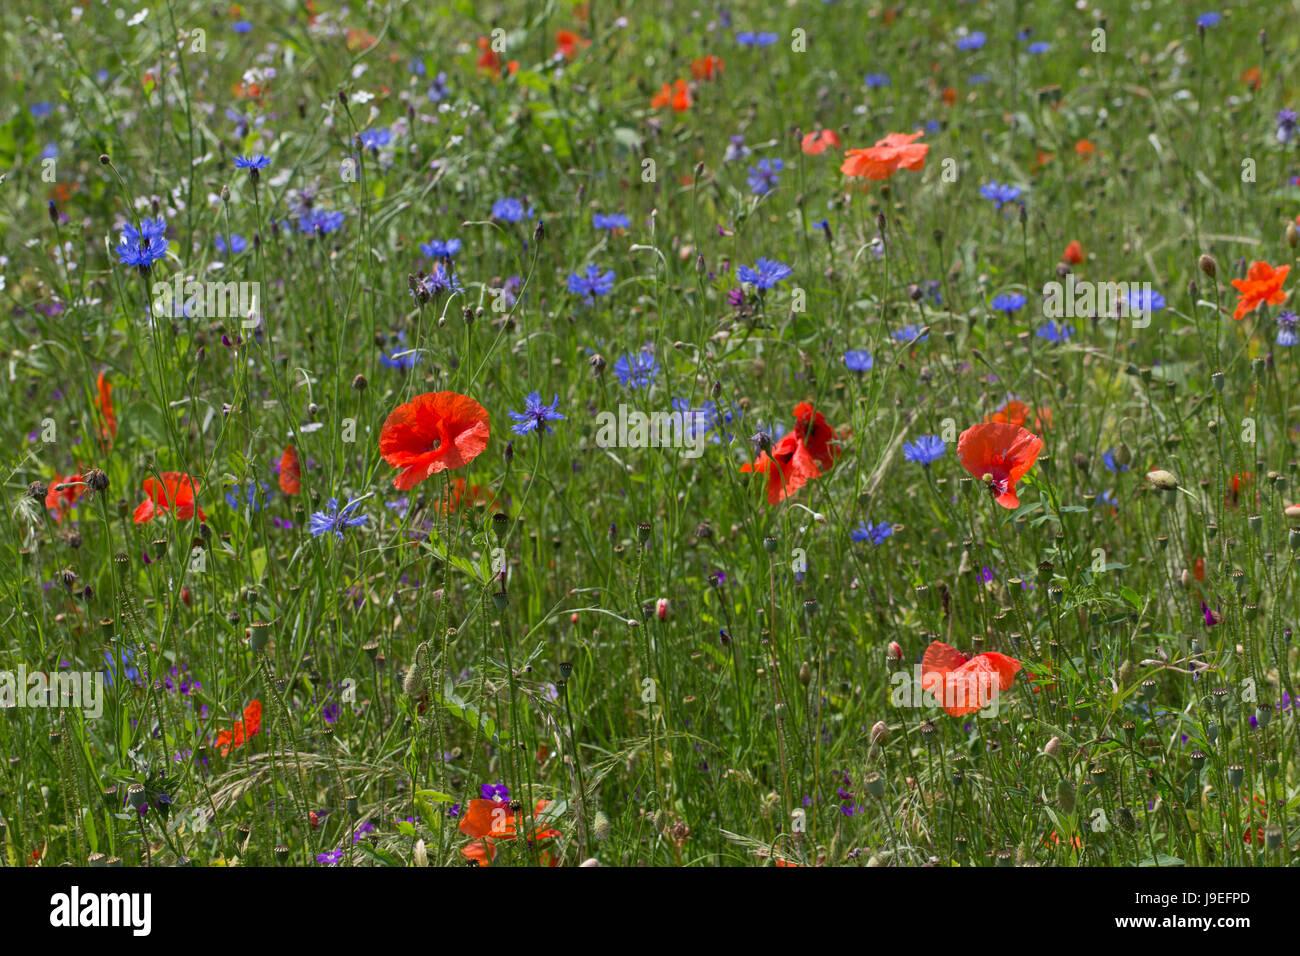 Blumenwiese, Wildblumen, artenreiche Blütenwiese, Wildblumen-Wiese, Wildkräuter-Wiese, Wildkräuter, - Stock Image